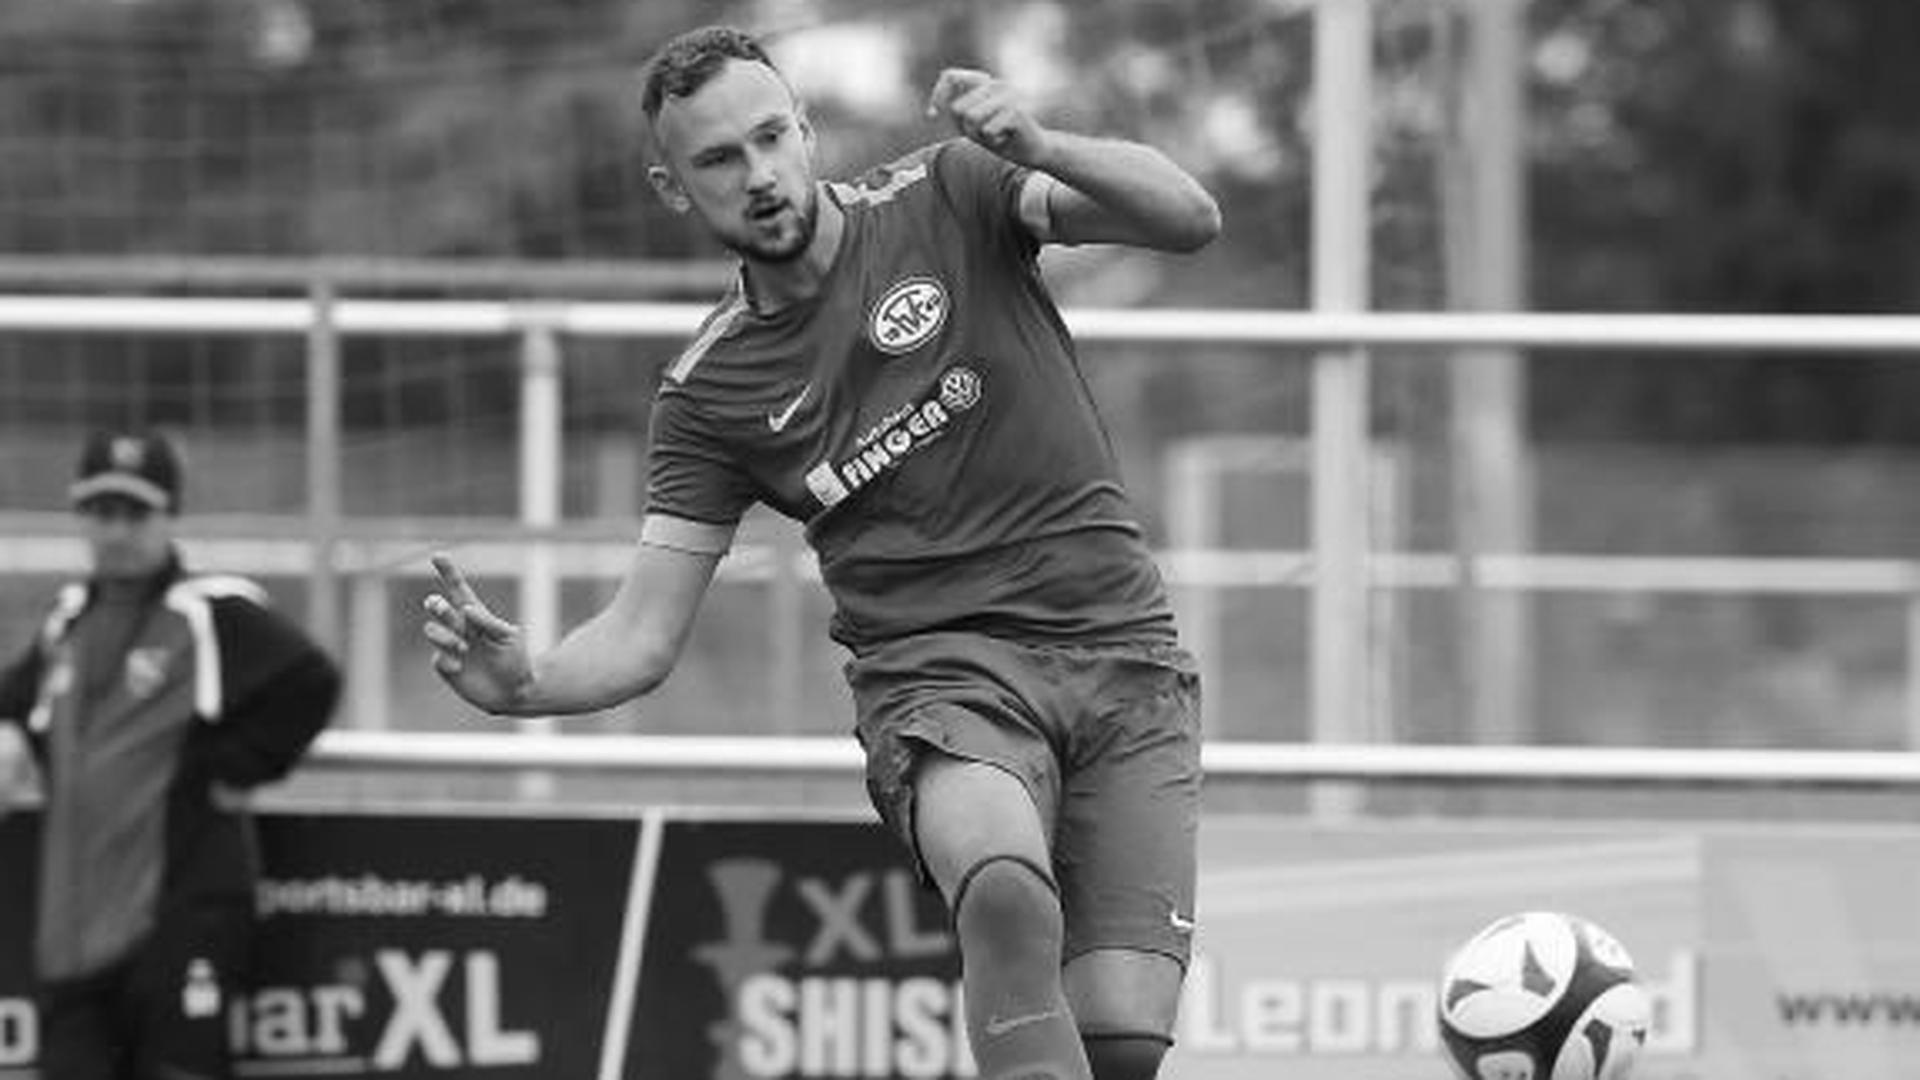 Große Trauer in der Region Karlsruhe um den Amateurfußballer Tino Hodzic, hier 2018 noch im Trikot von Fortuna Kirchfeld.